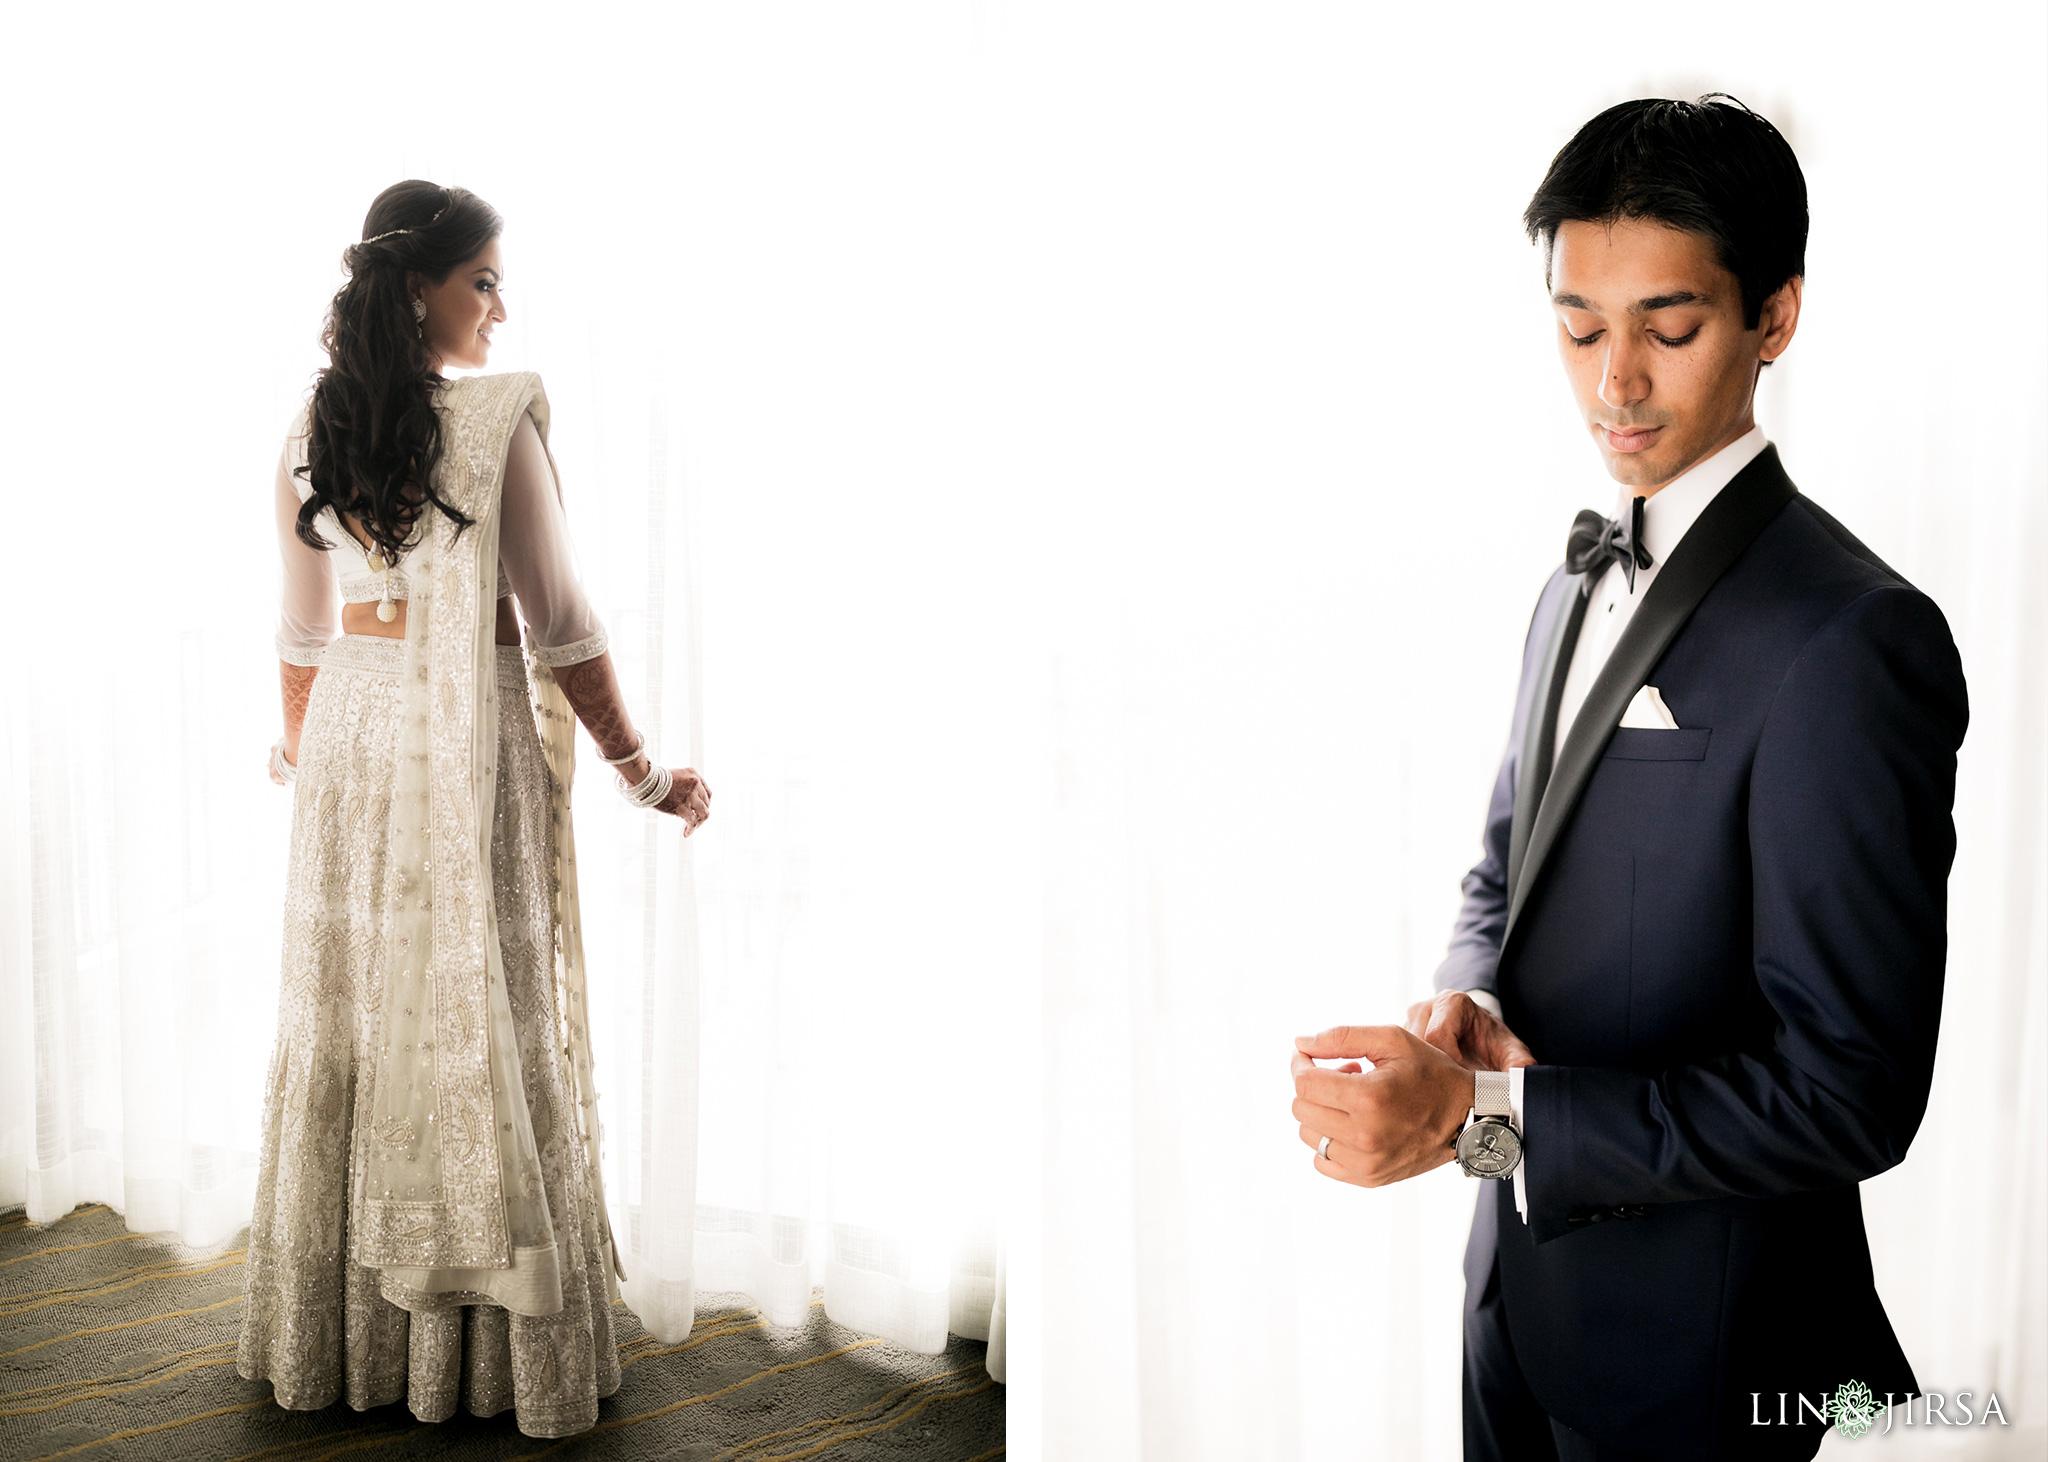 Newport Beach Marriott Indian Wedding | Serena & Jiken